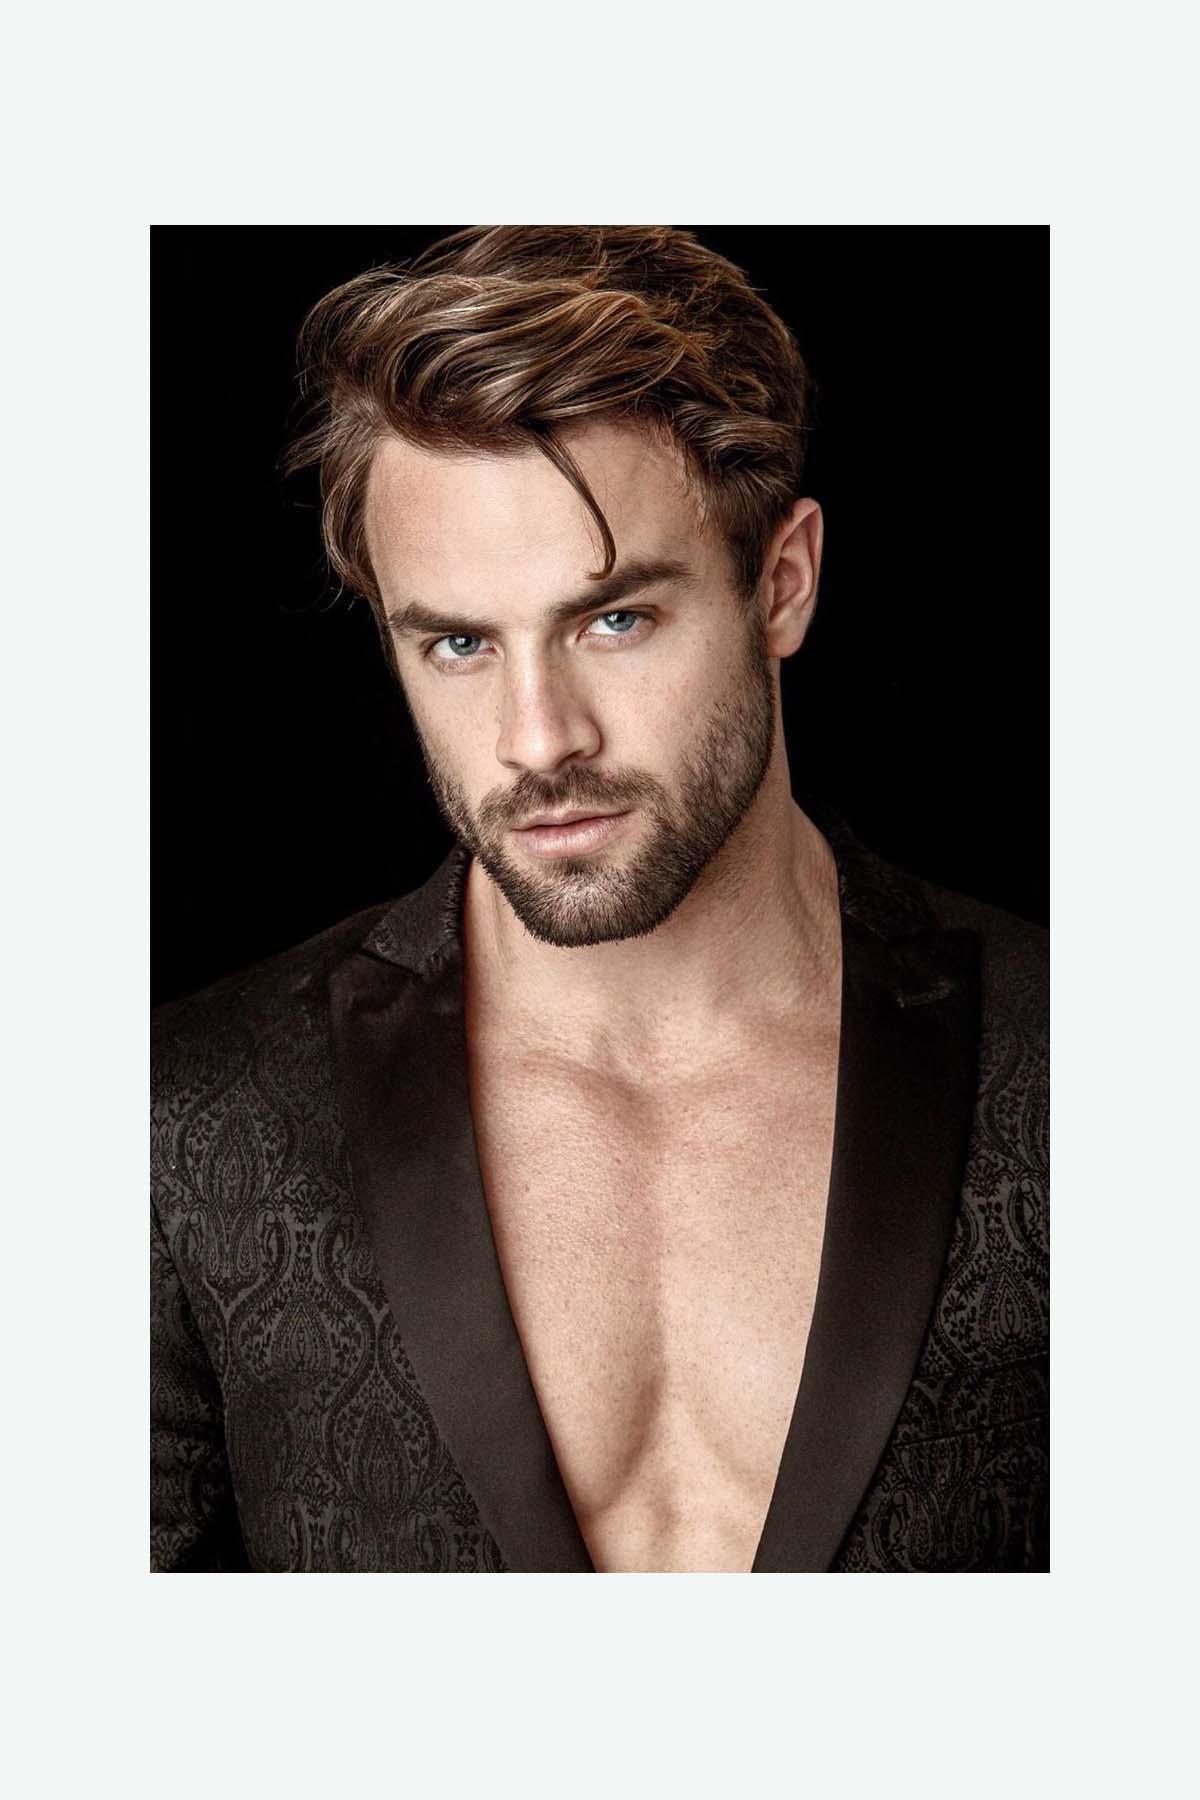 Rafael Licks by Marcio Farias for Brazilian Male Model